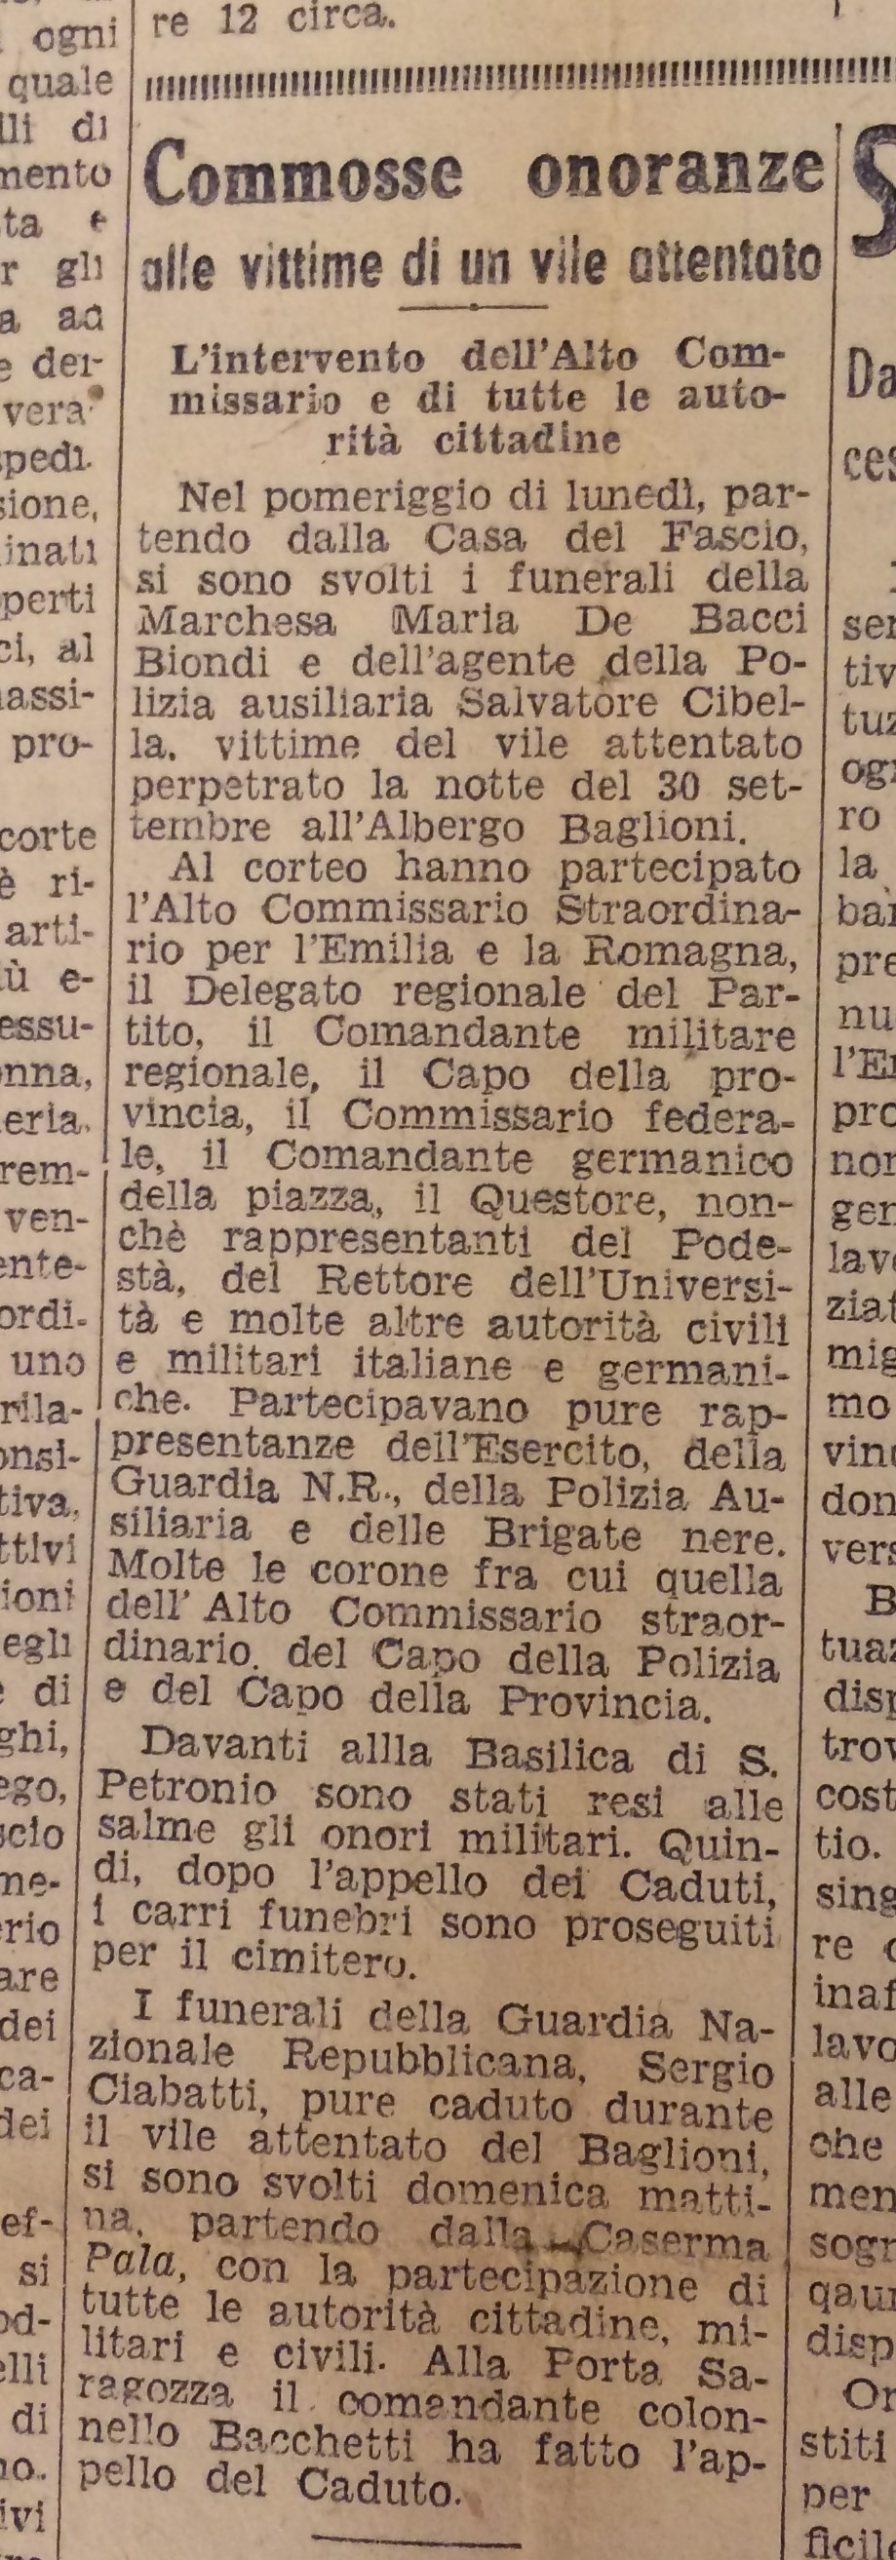 """La notizia relativa alle onoranze funebri riservate alle vittime dell'attentato, apparsa su """"Il Resto del Carlino"""" del 4-10-'44."""